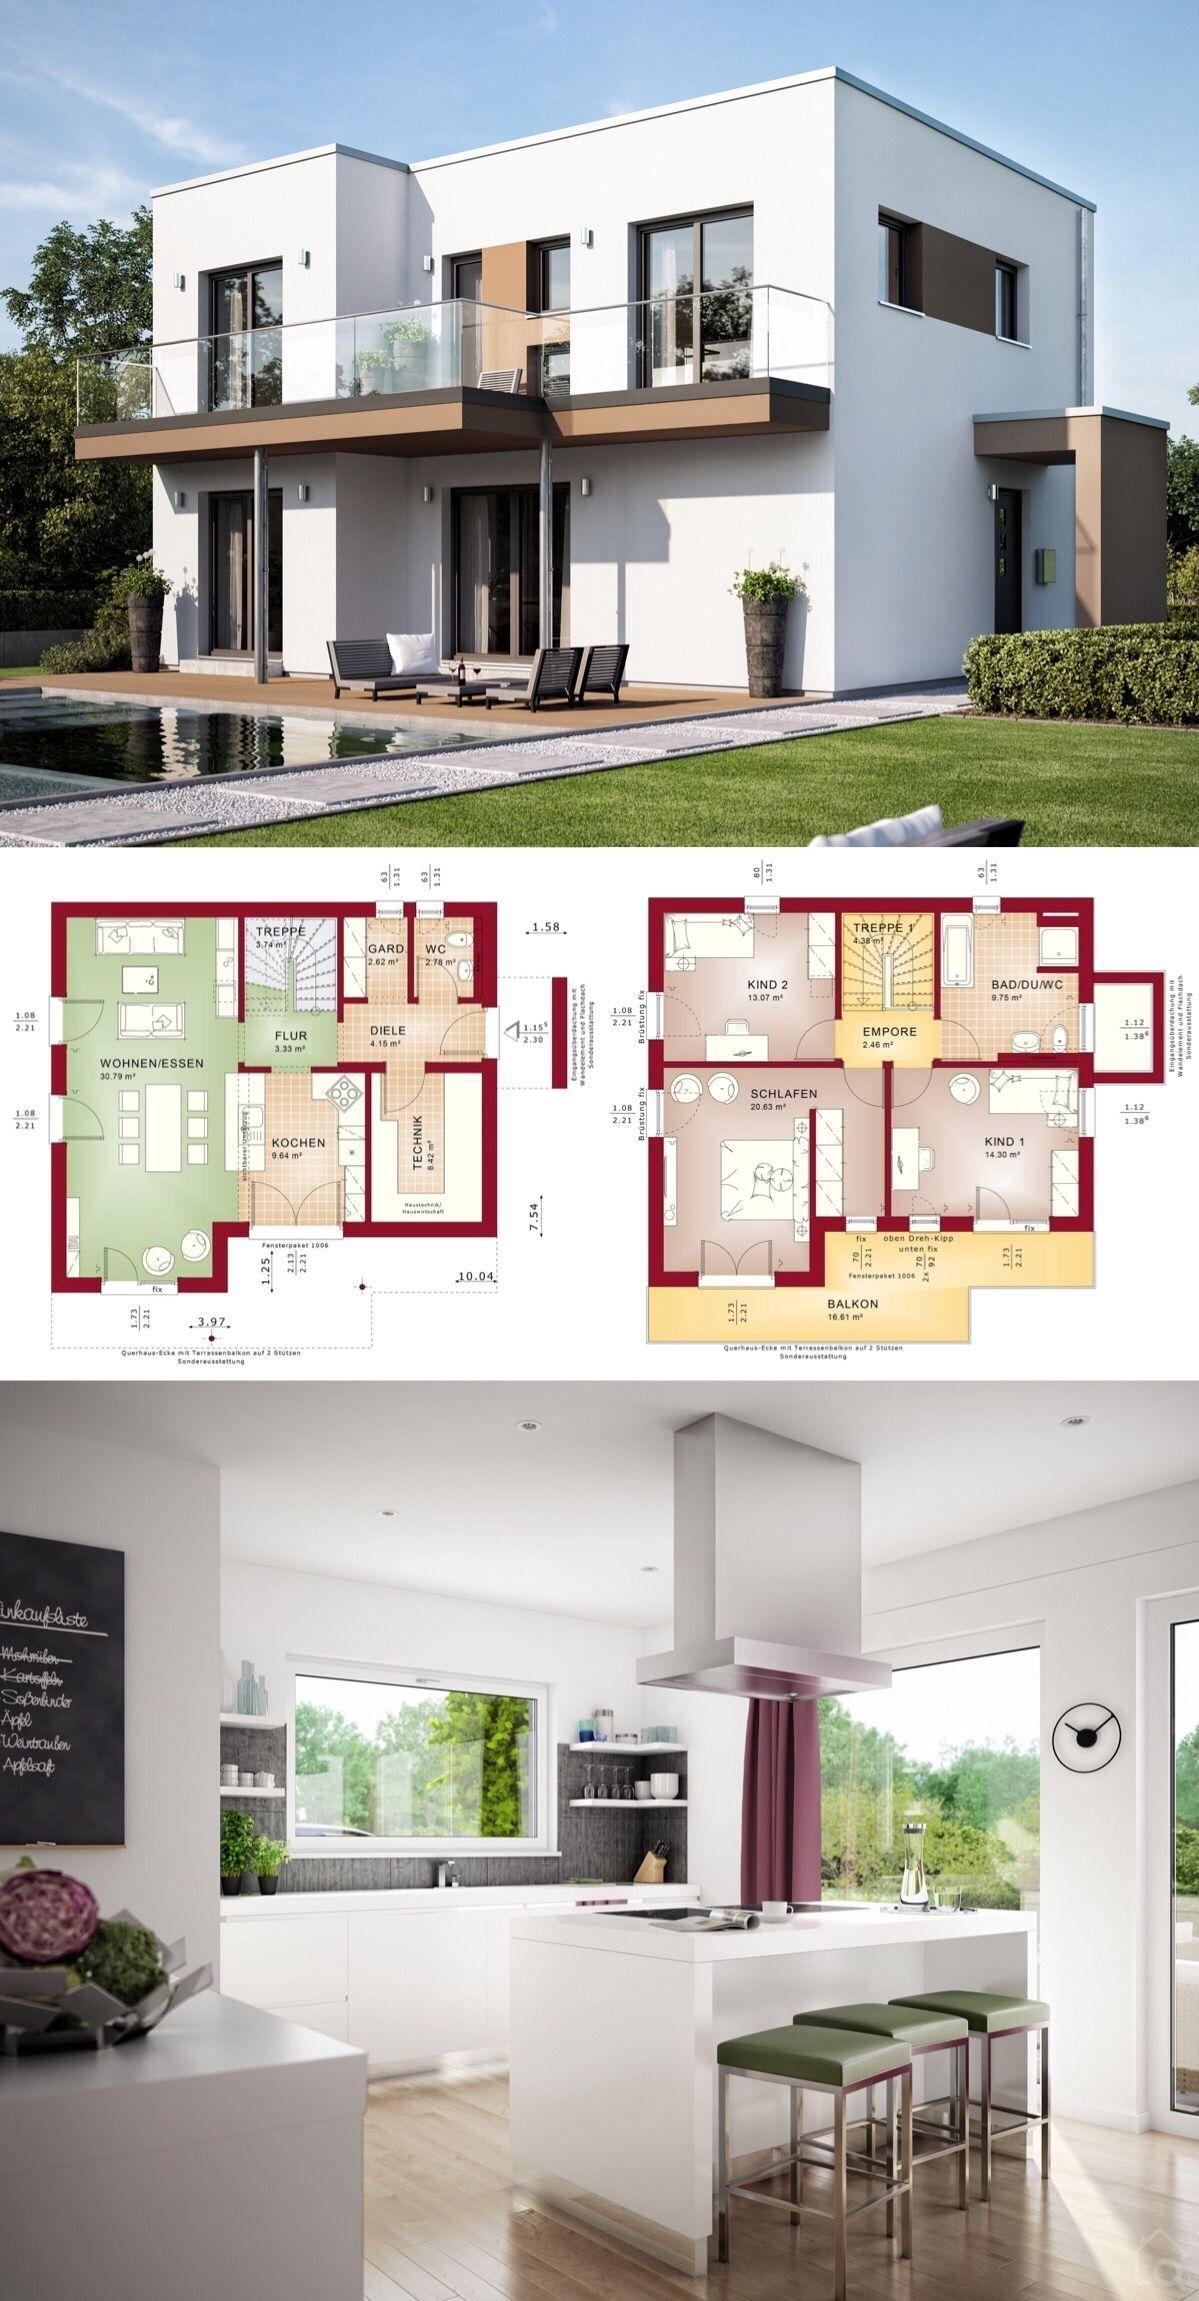 fertighaus stadtvilla modern mit flachdach architektur im